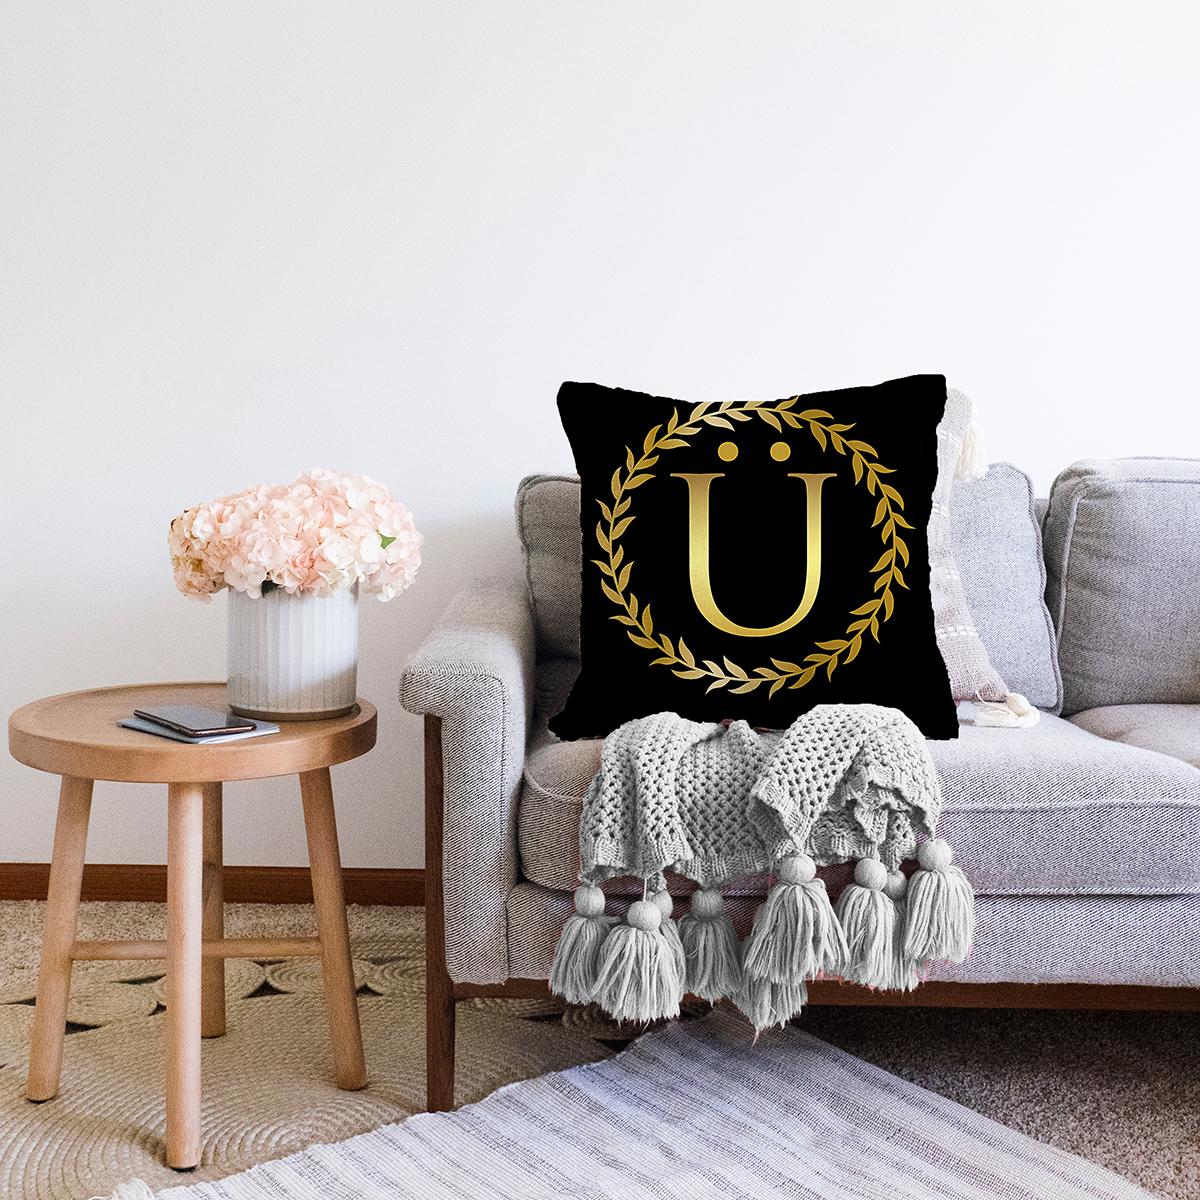 Siyah Zemin Gold Yaprak Çerçeveli Ü Harfi Özel Tasarım Dijital Baskılı Şönil Yastık Kırlent Kılıfı Realhomes